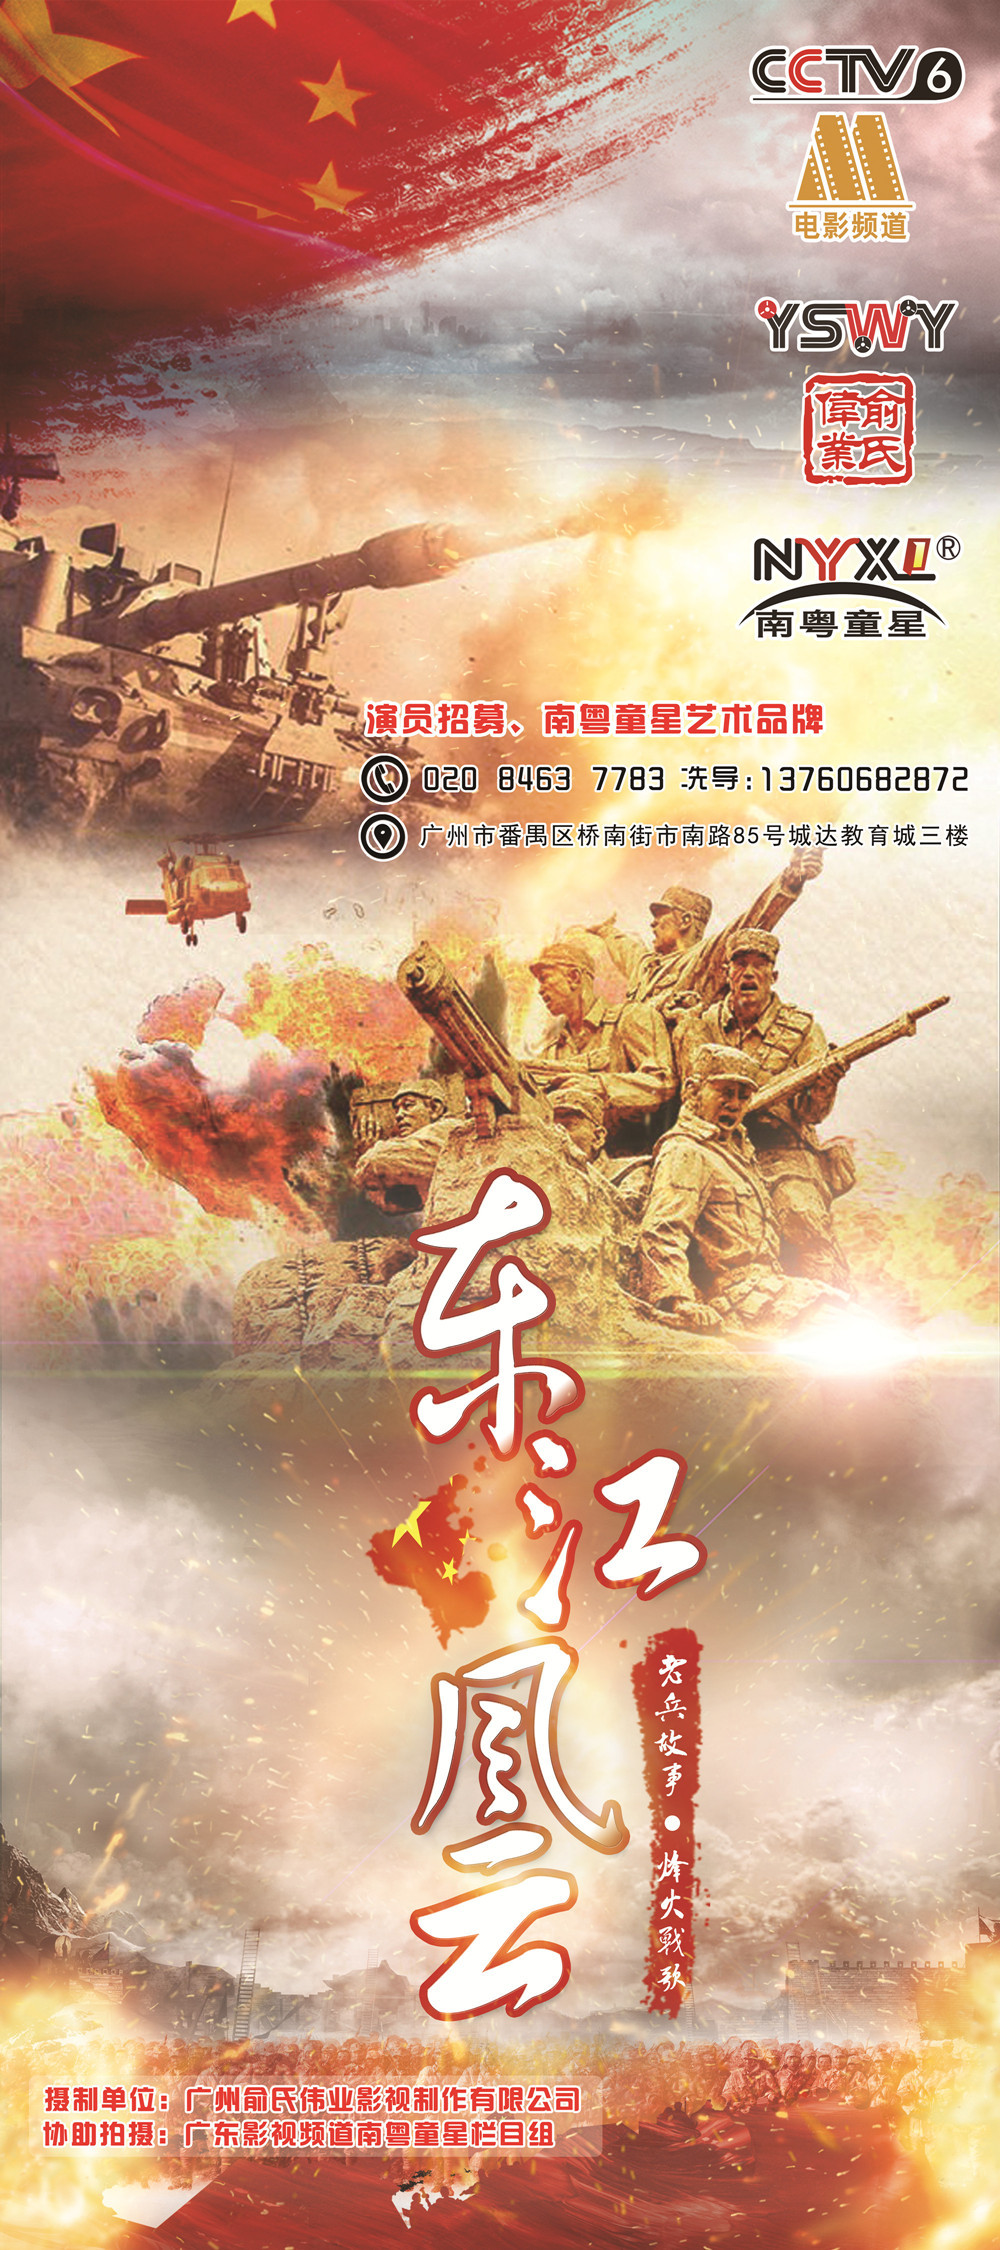 俞氏伟业影视与南粤童星携手打造中国新生代演员图片